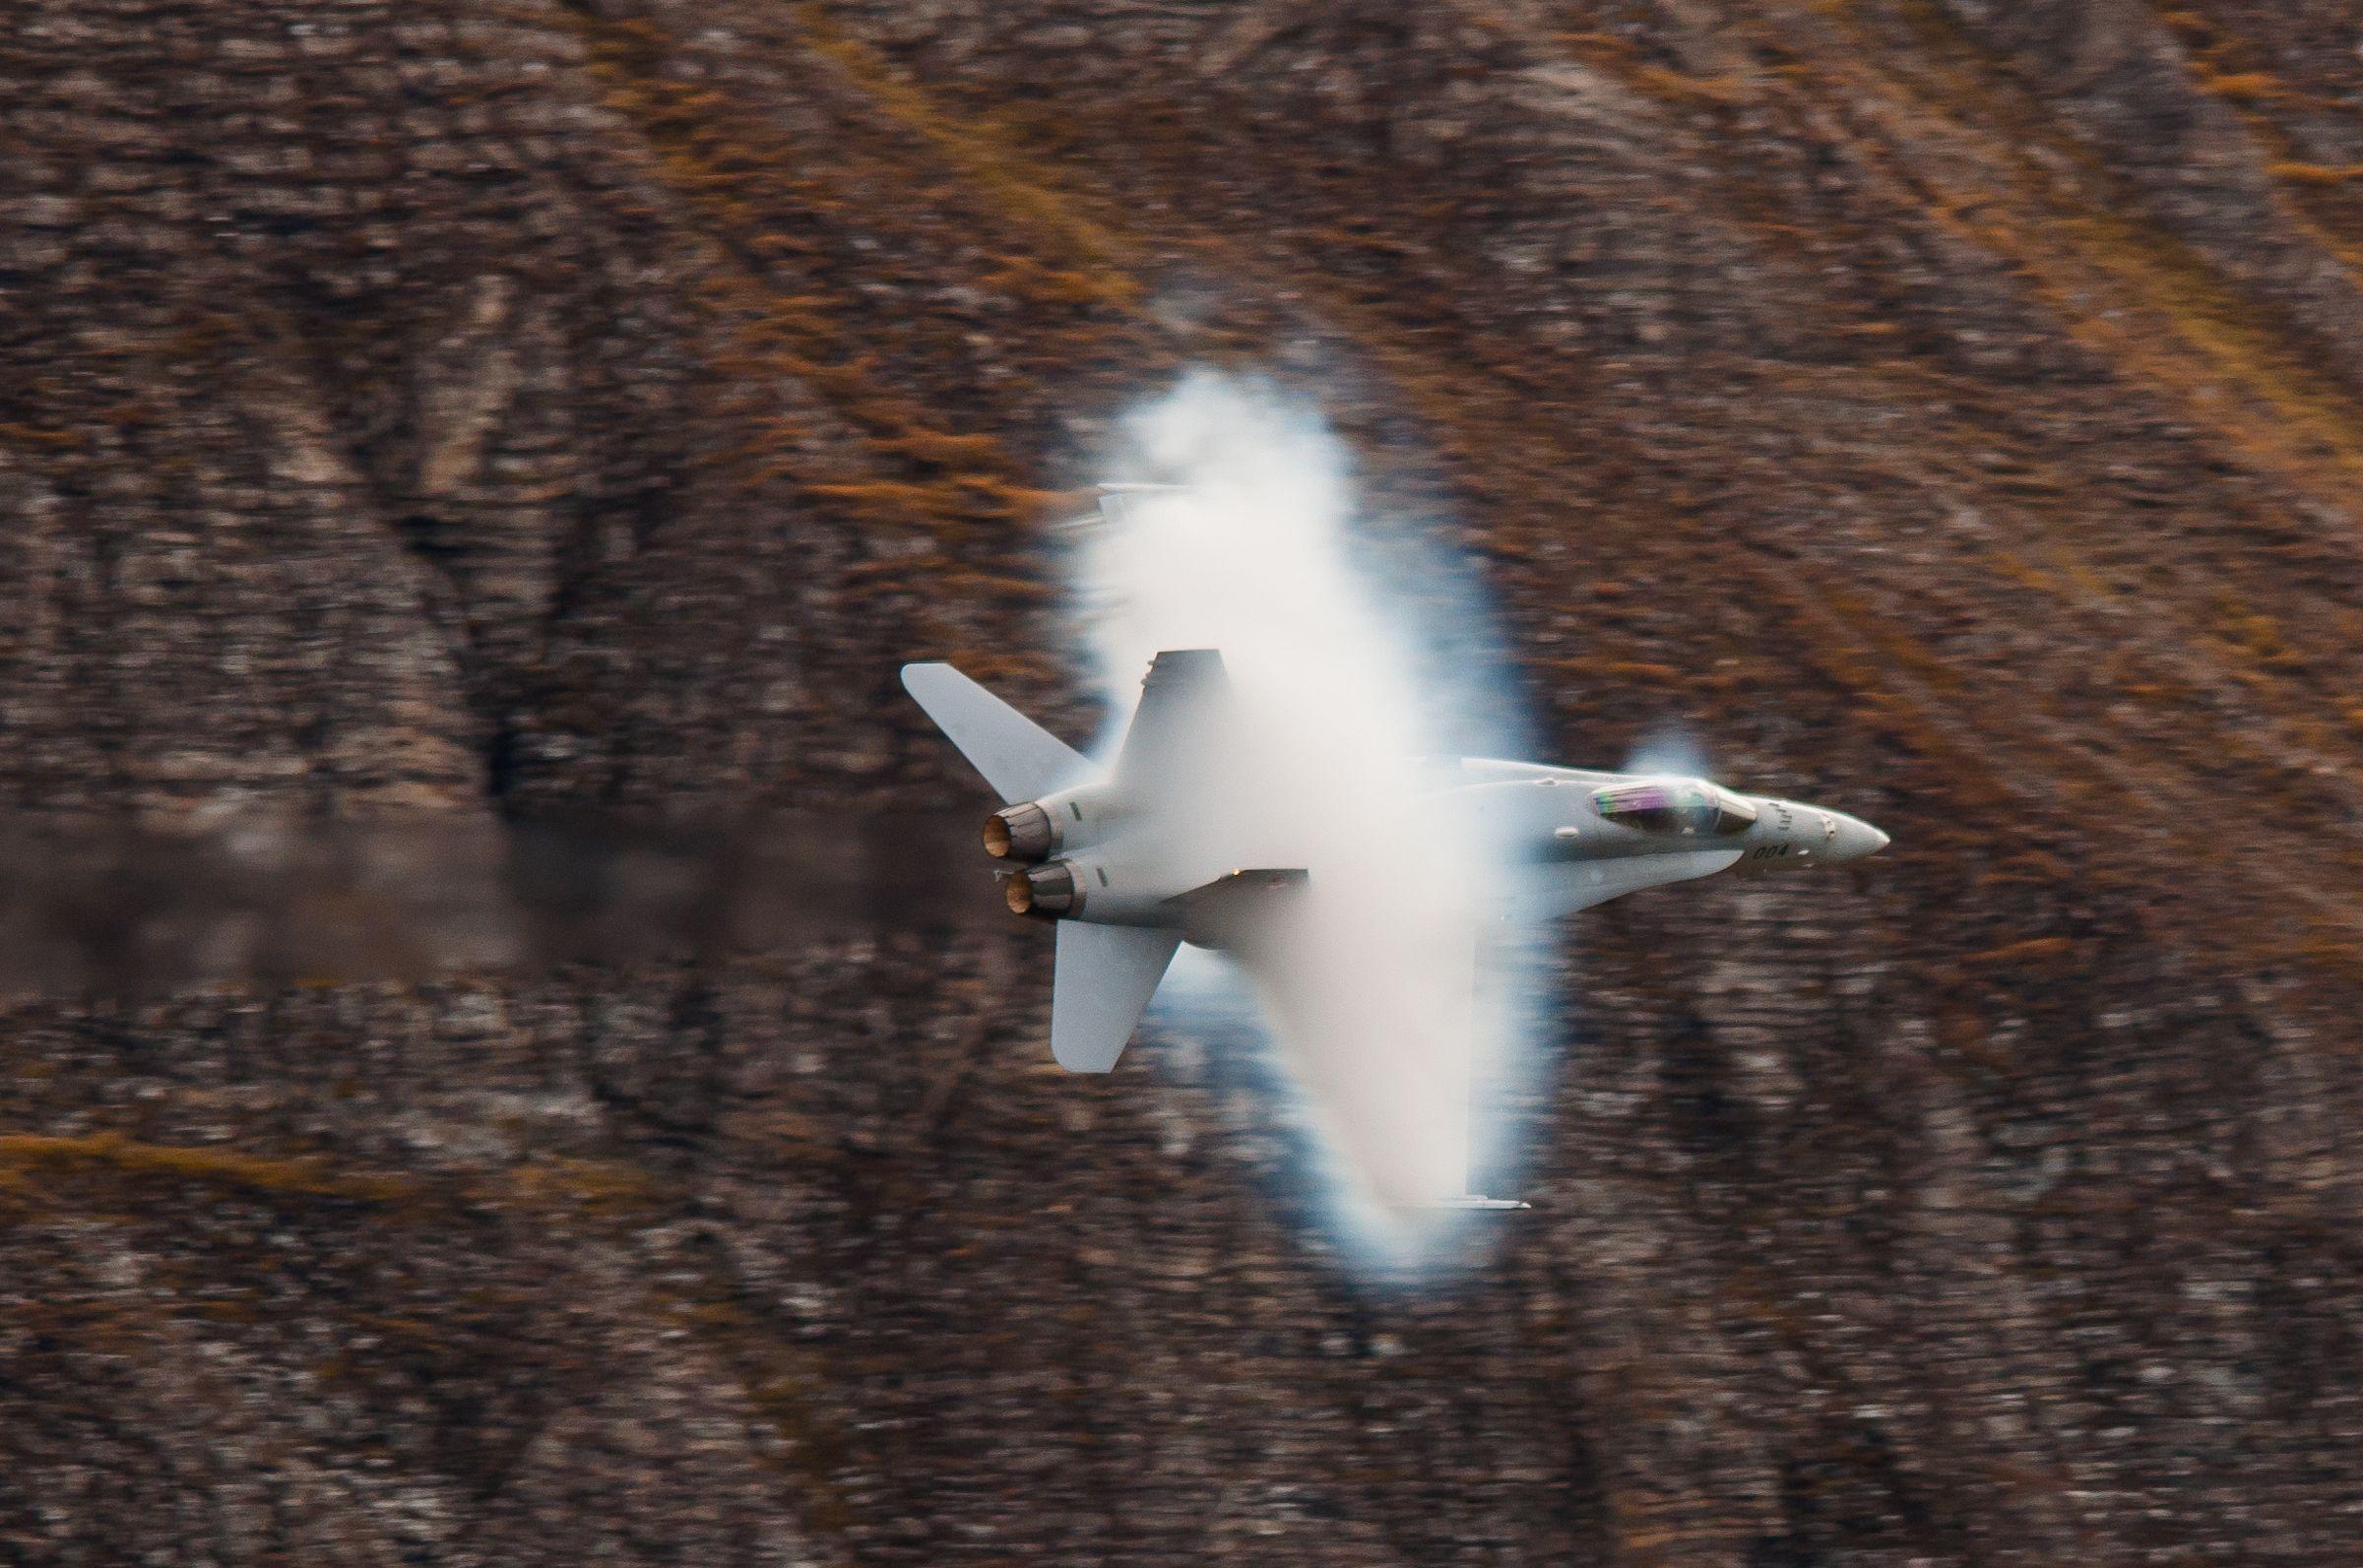 Air force live fire event Axalp 2012 - 10-11 Oct 2012 - Pagina 2 0001109